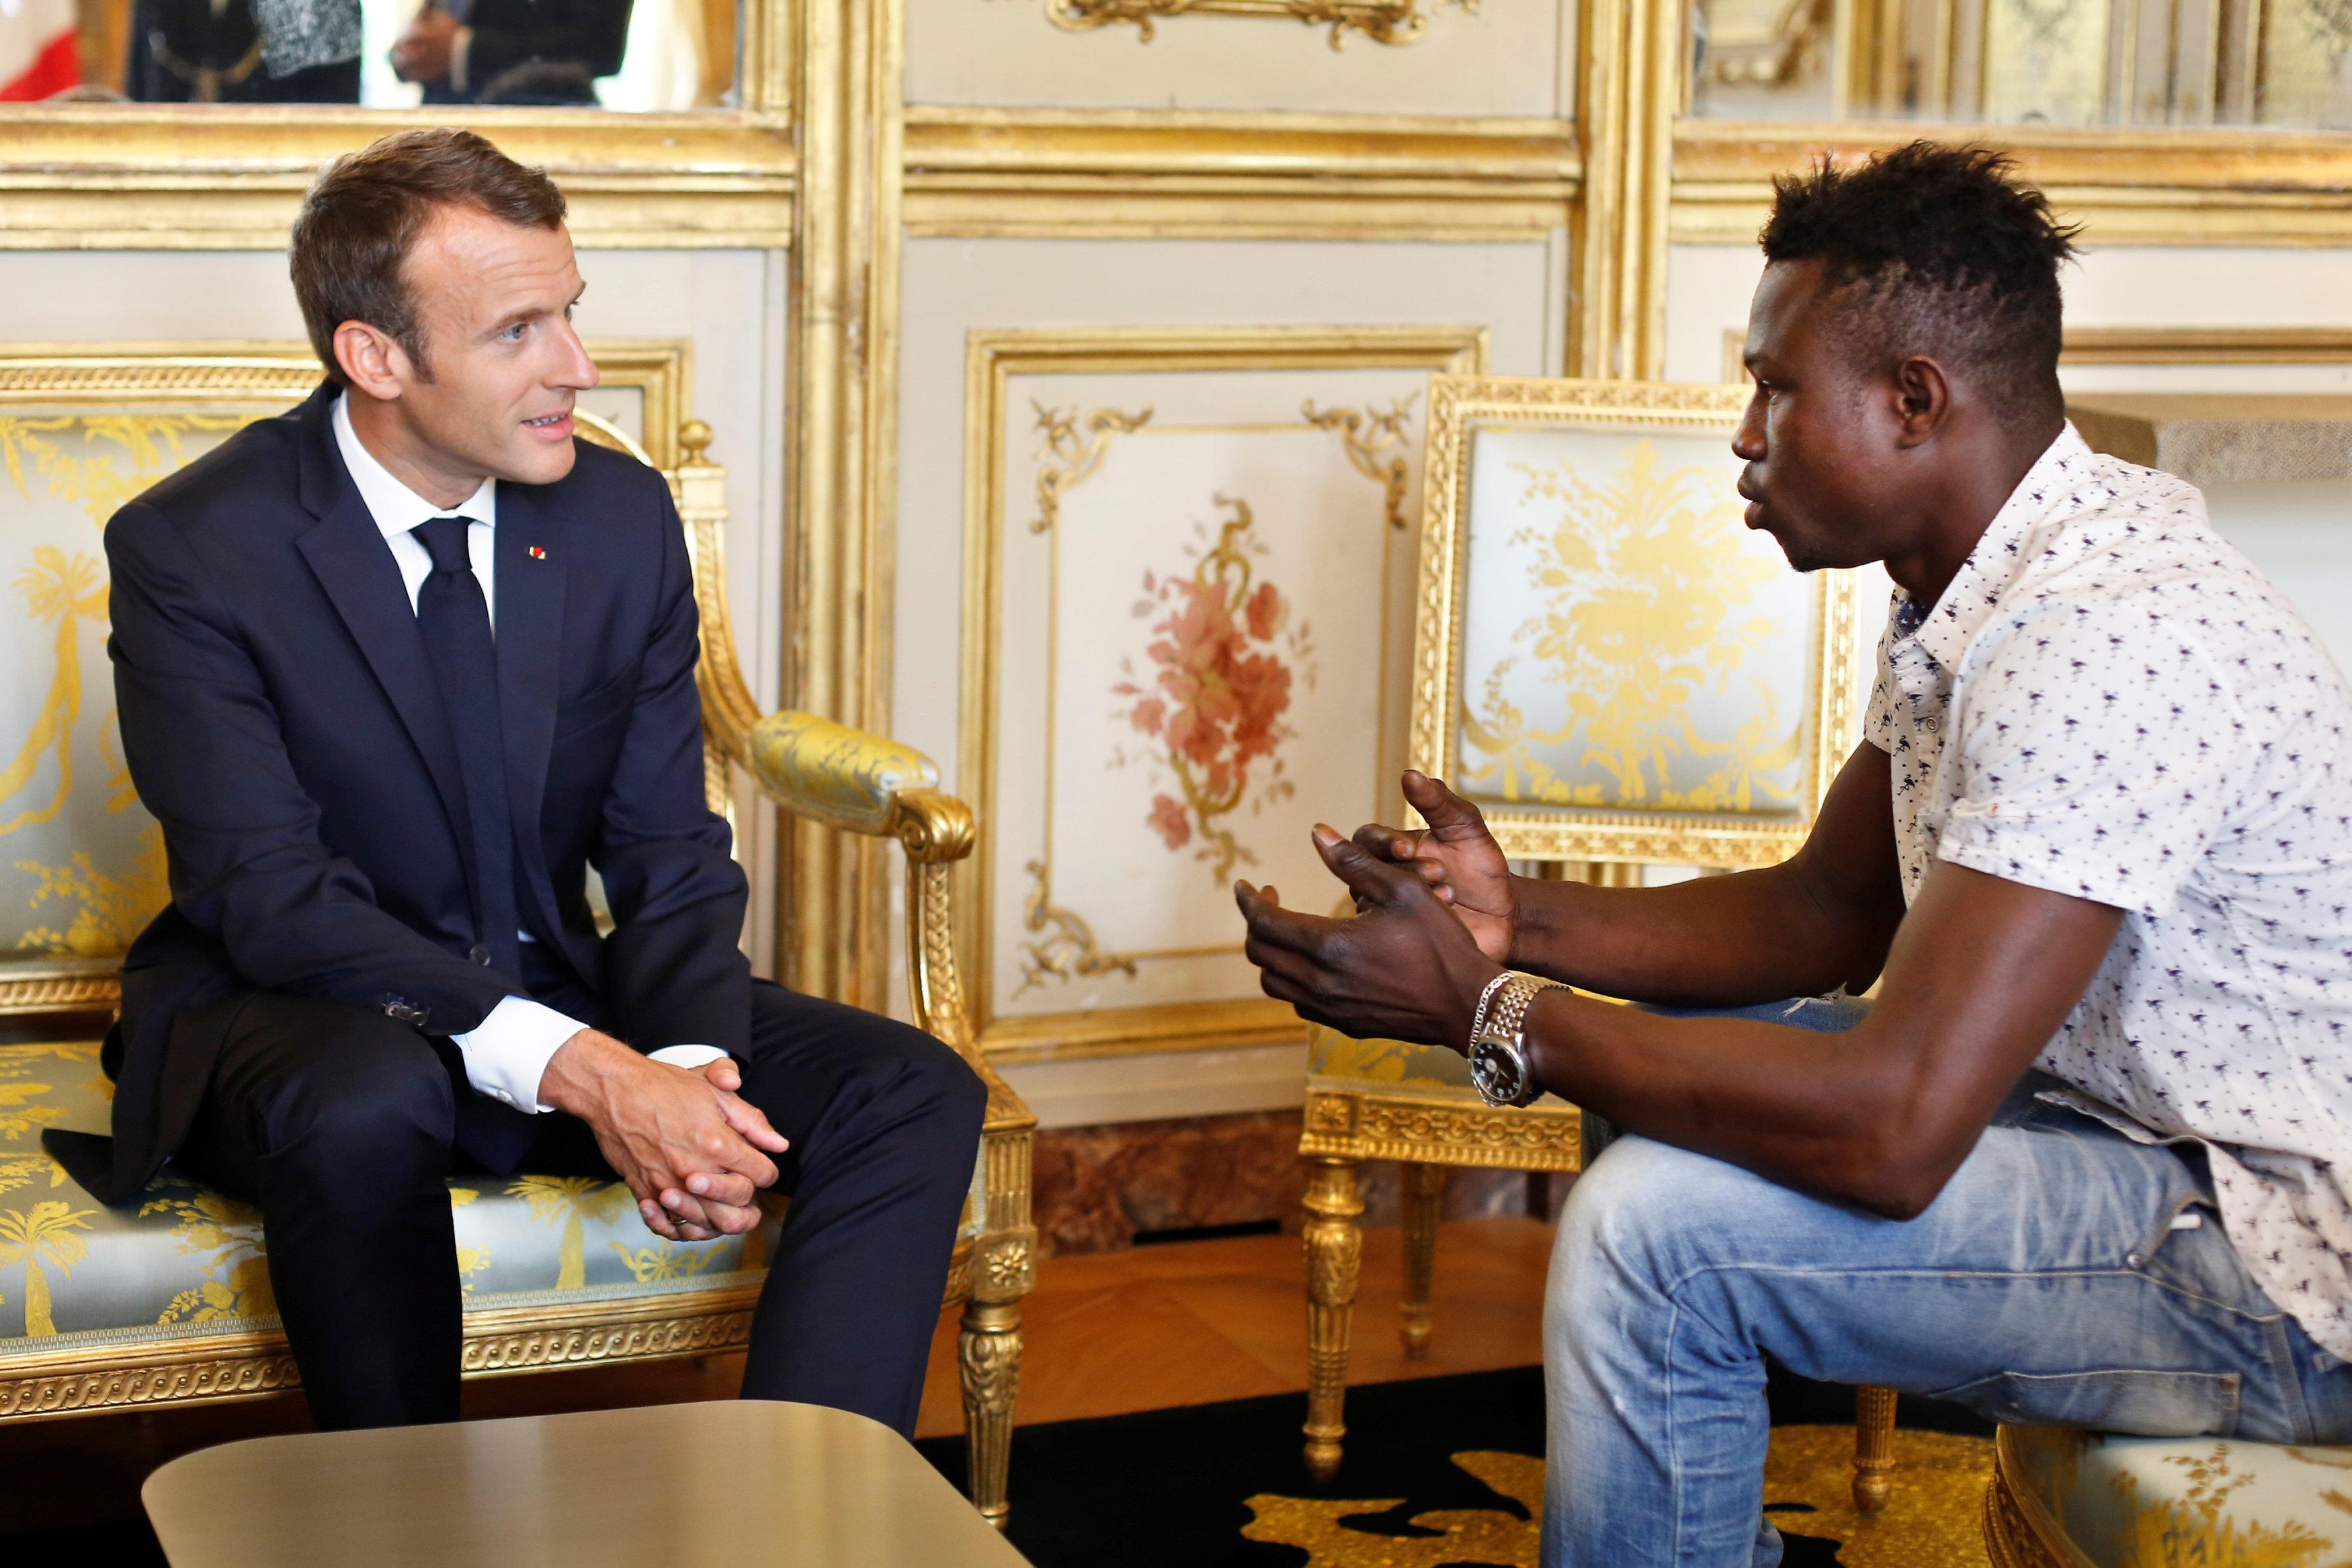 Quién Es El Hombre Araña Que Salvó A Un Niño De Caer Al Vacío Y Se Convirtió En Héroe En Francia Infobae